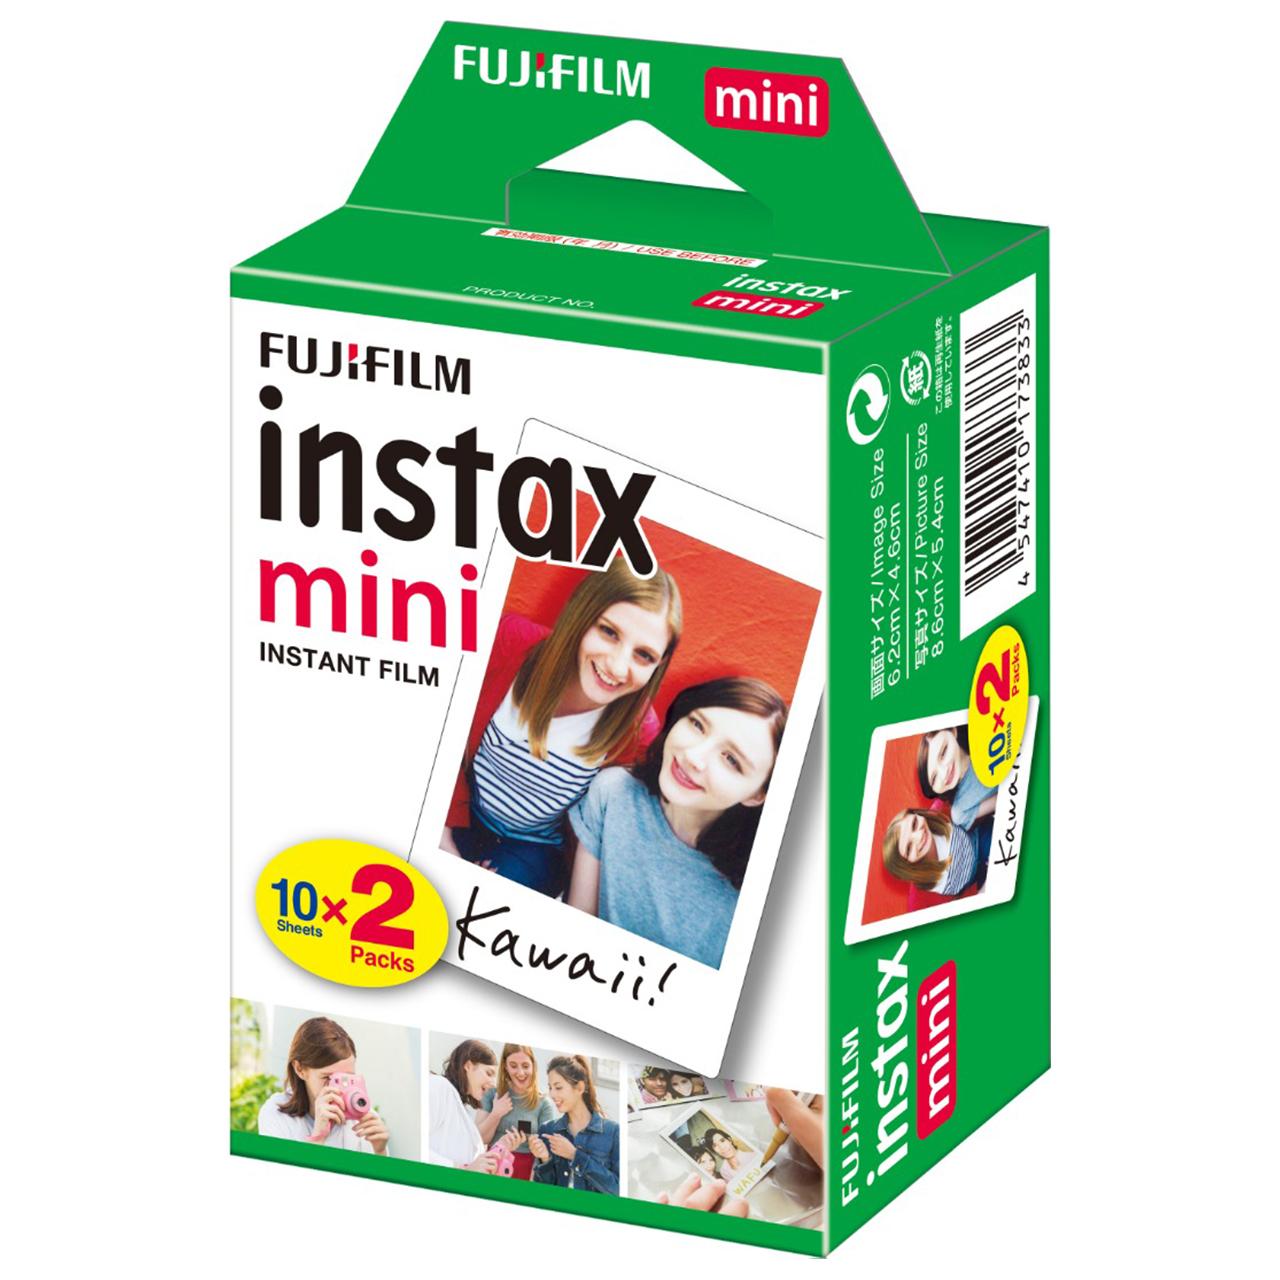 خرید اینترنتی فیلم چاپ سریع فوجی فیلم مدل 2×Instax mini 10